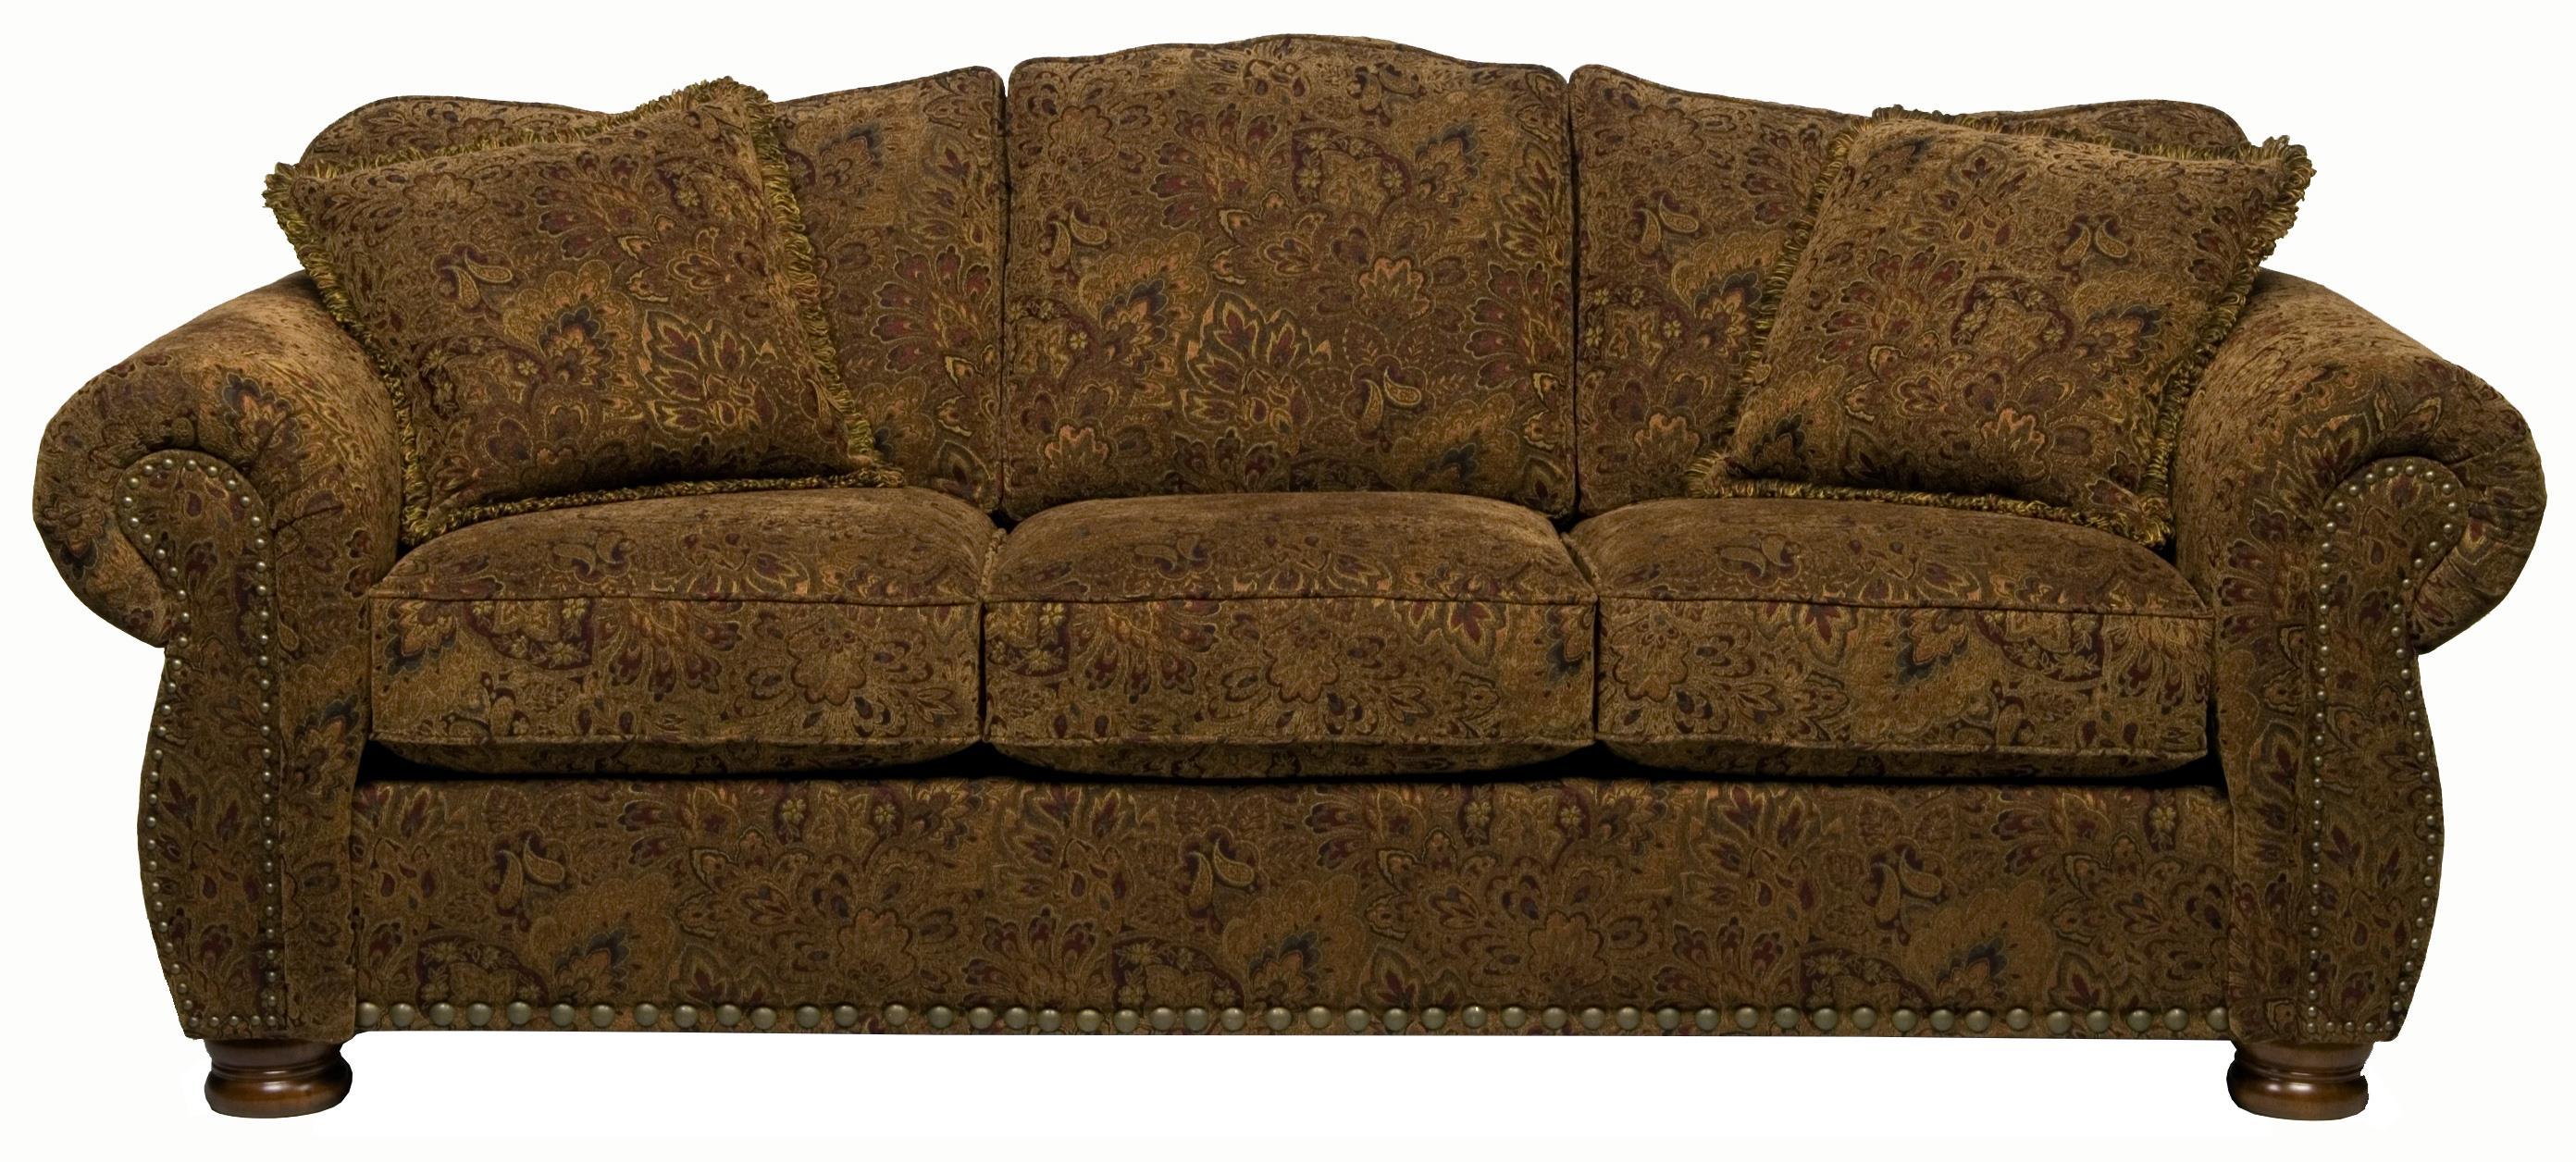 Stanton 326  Camel Back Sofa - Item Number: 326-01